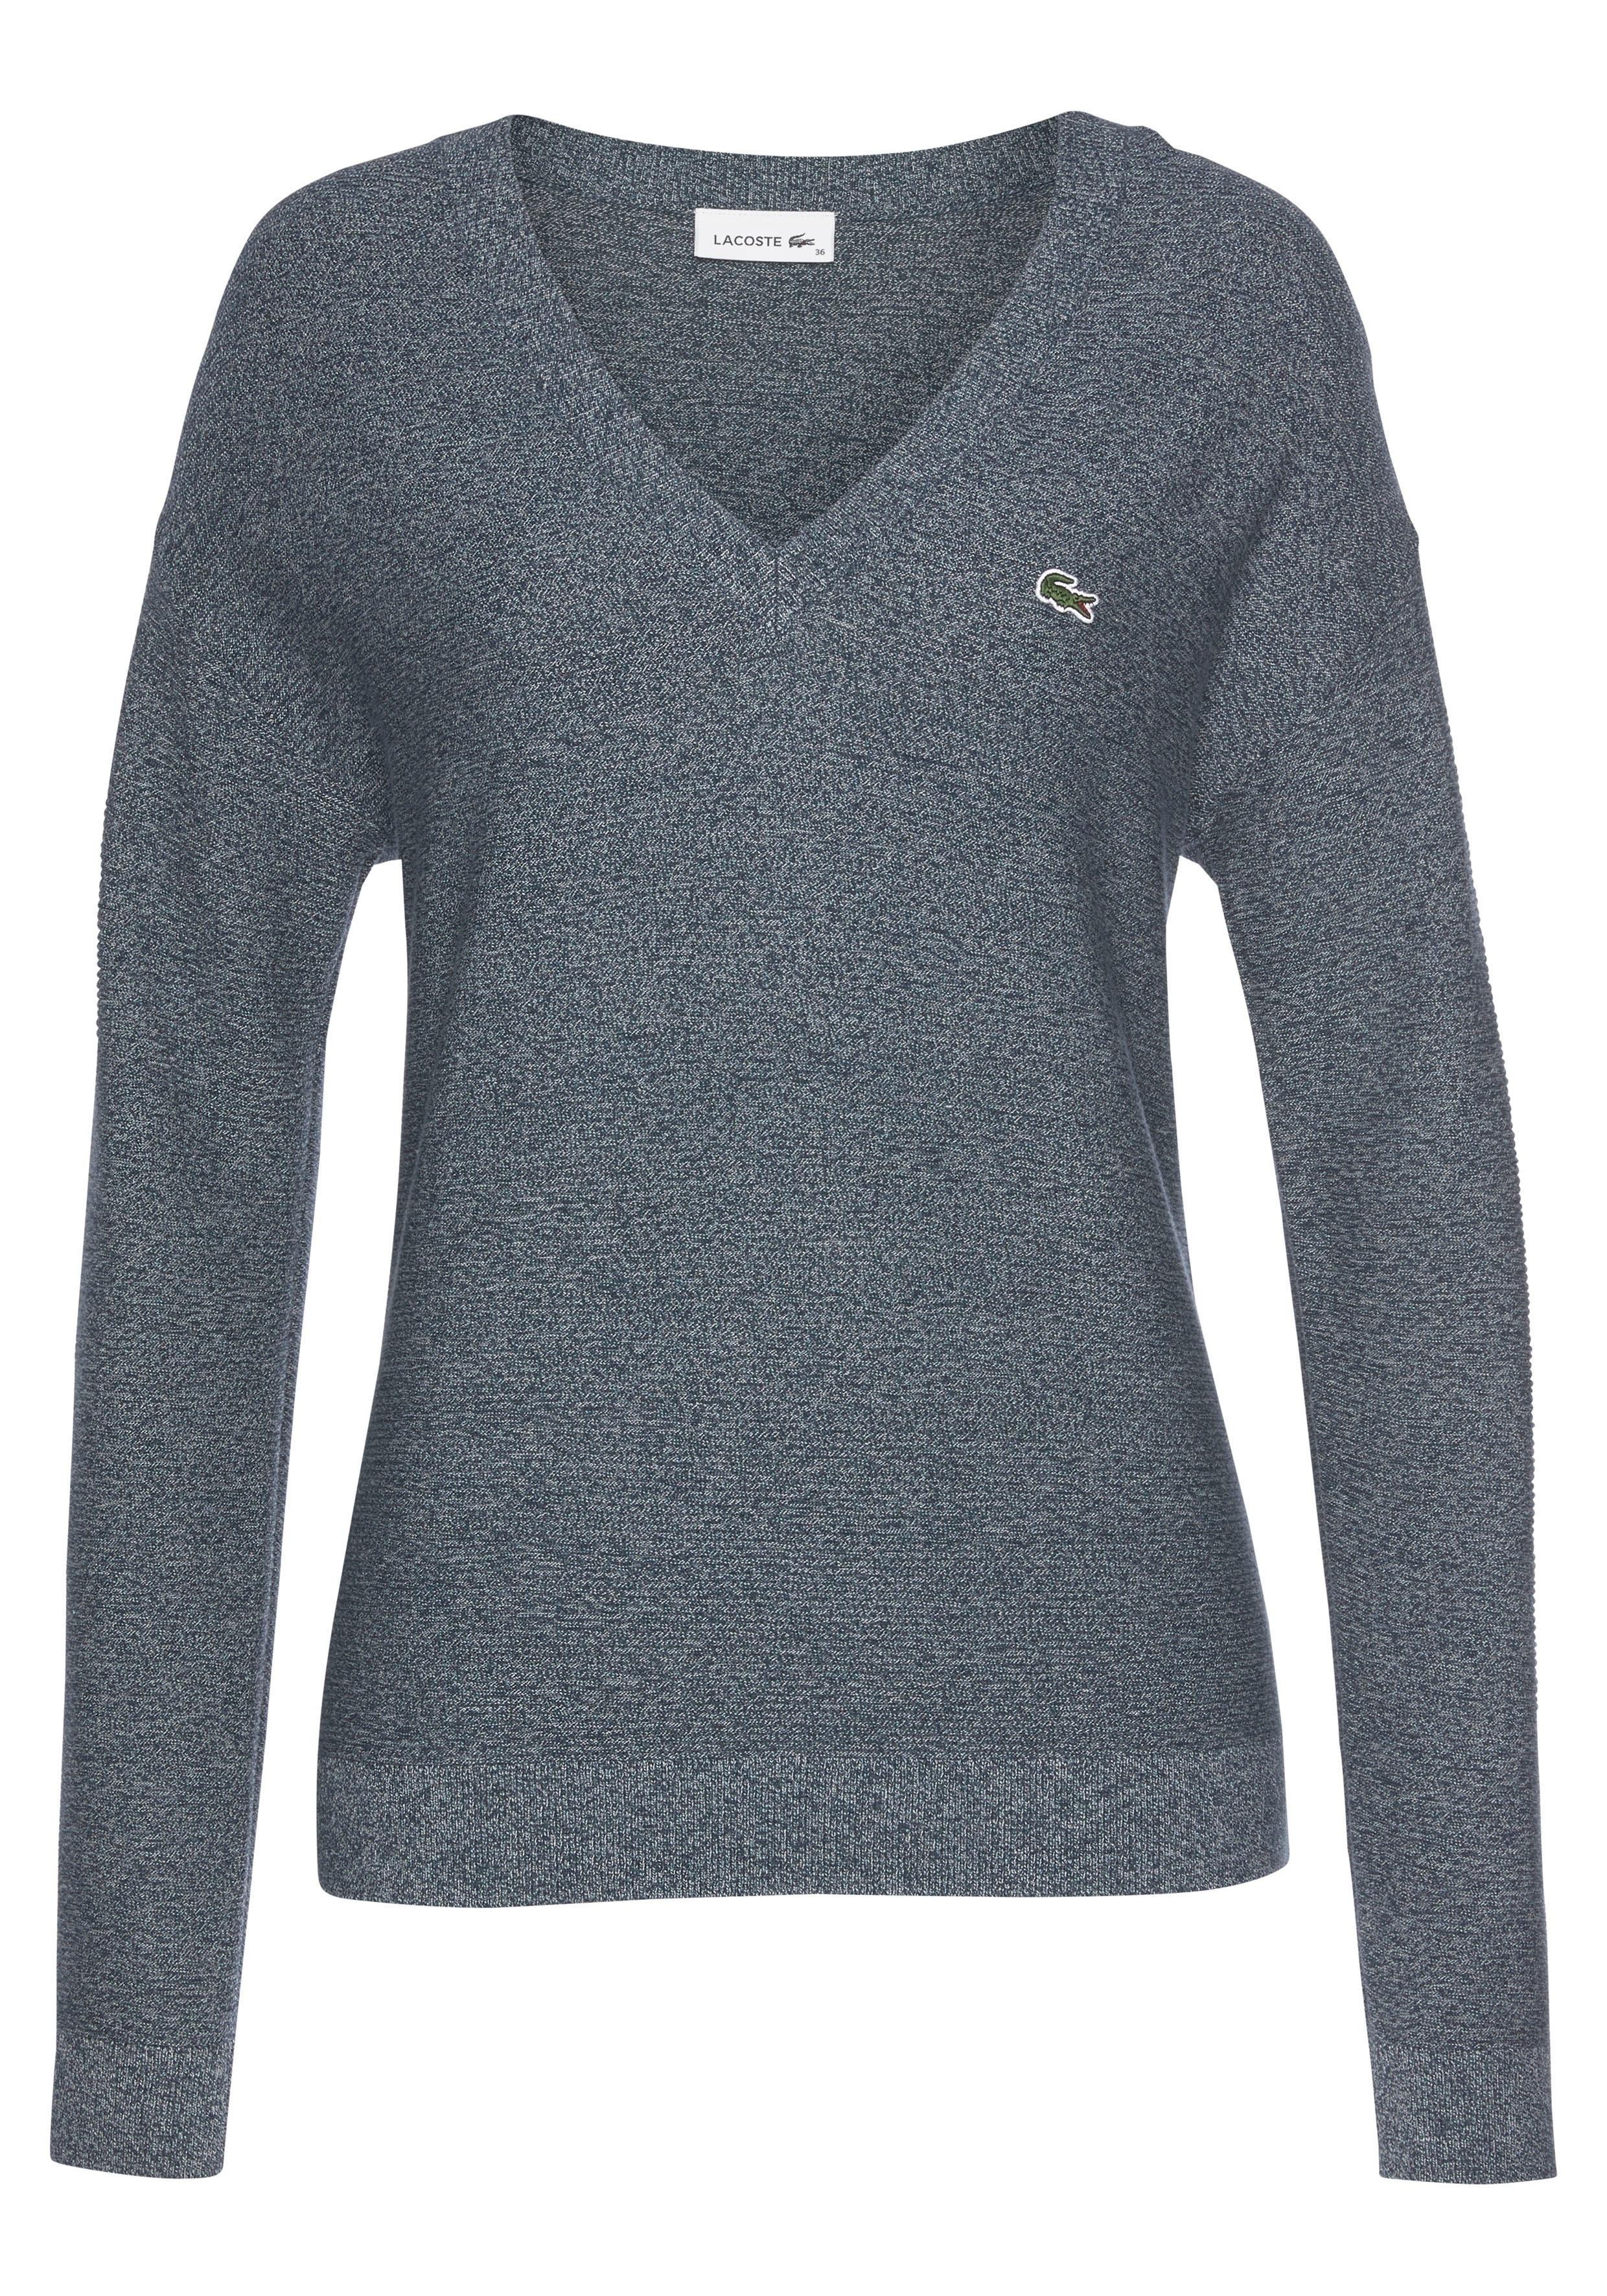 LACOSTE trui met V-hals goedkoop op otto.nl kopen